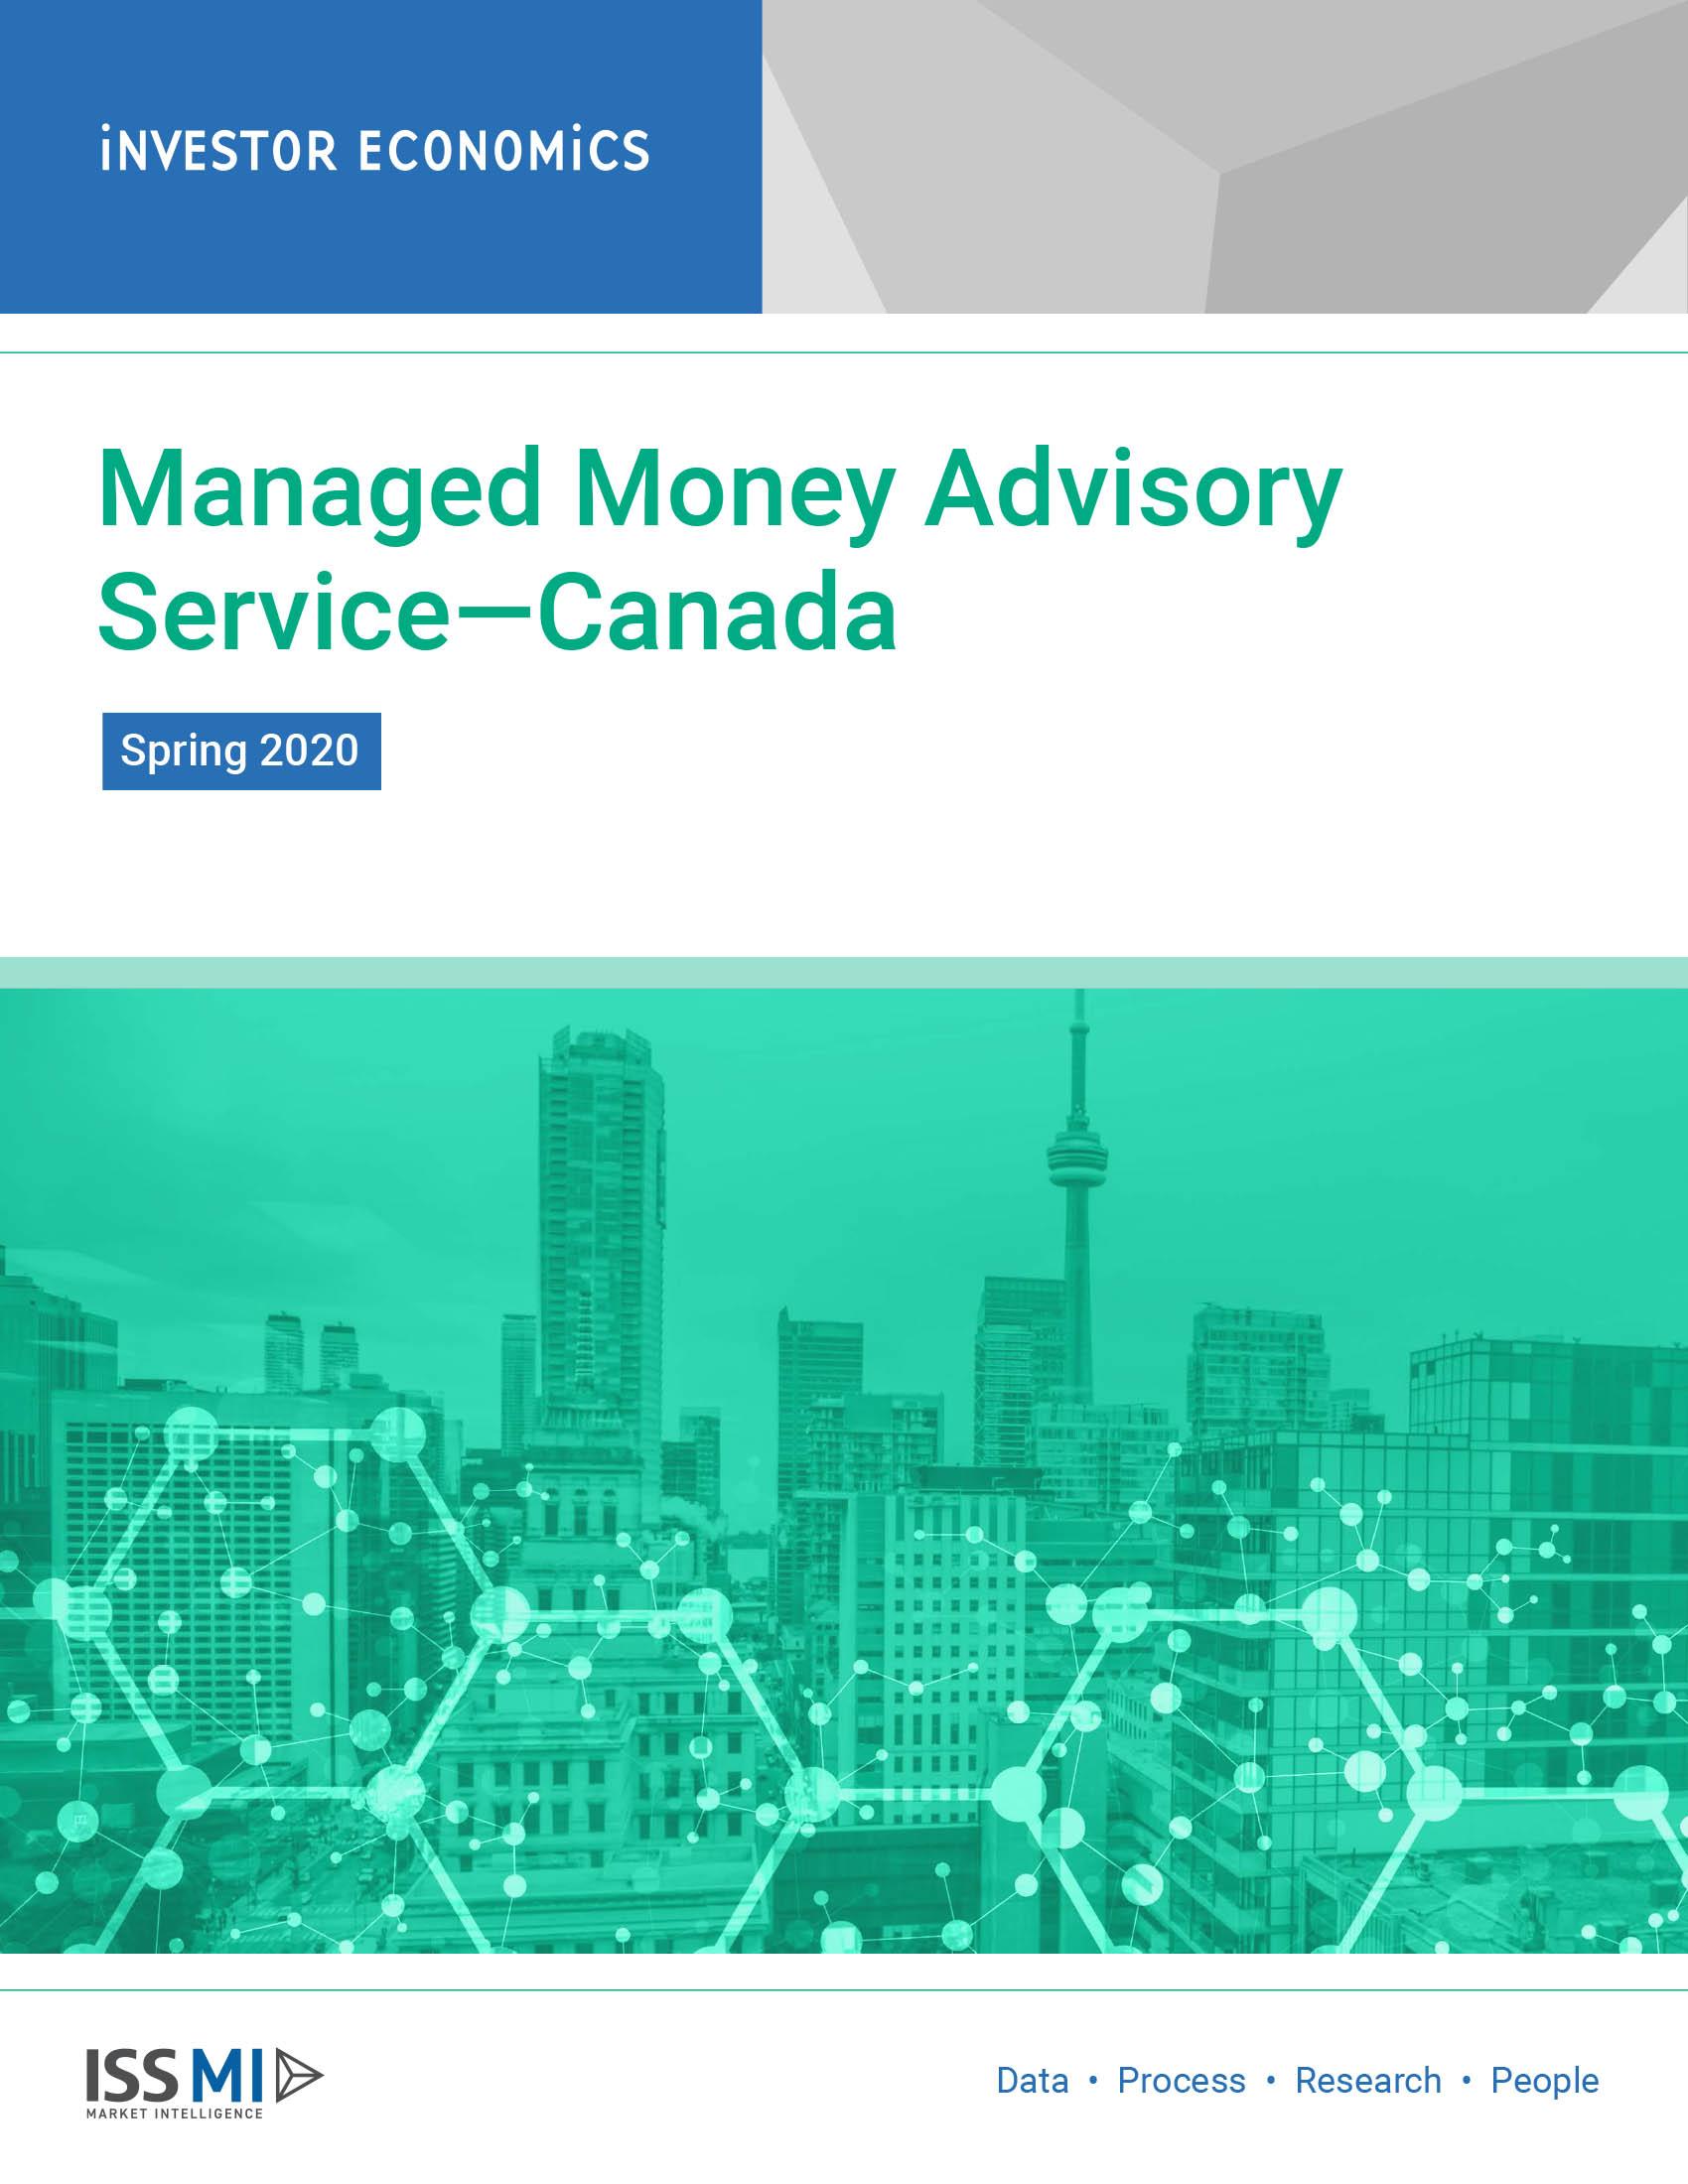 Managed Money Advisory Service Spring 2020